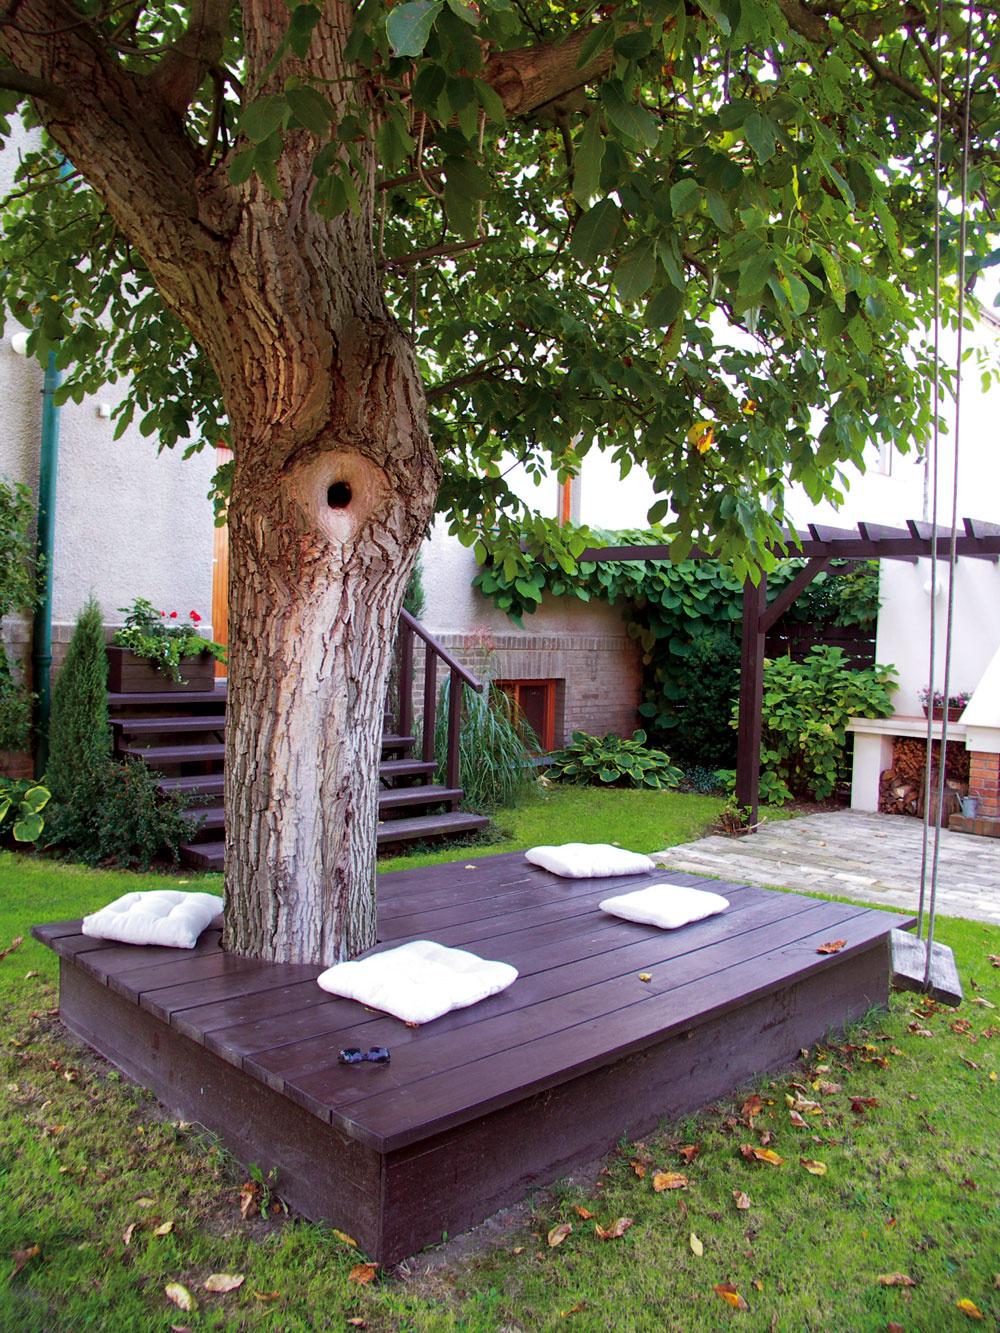 Jednoduchá drevená plošina azopár vankúšov vtieni starého orecha zmenili azútulnili túto malú záhradu. Na relaxáciu tu slúžia už viac ako desať rokov.